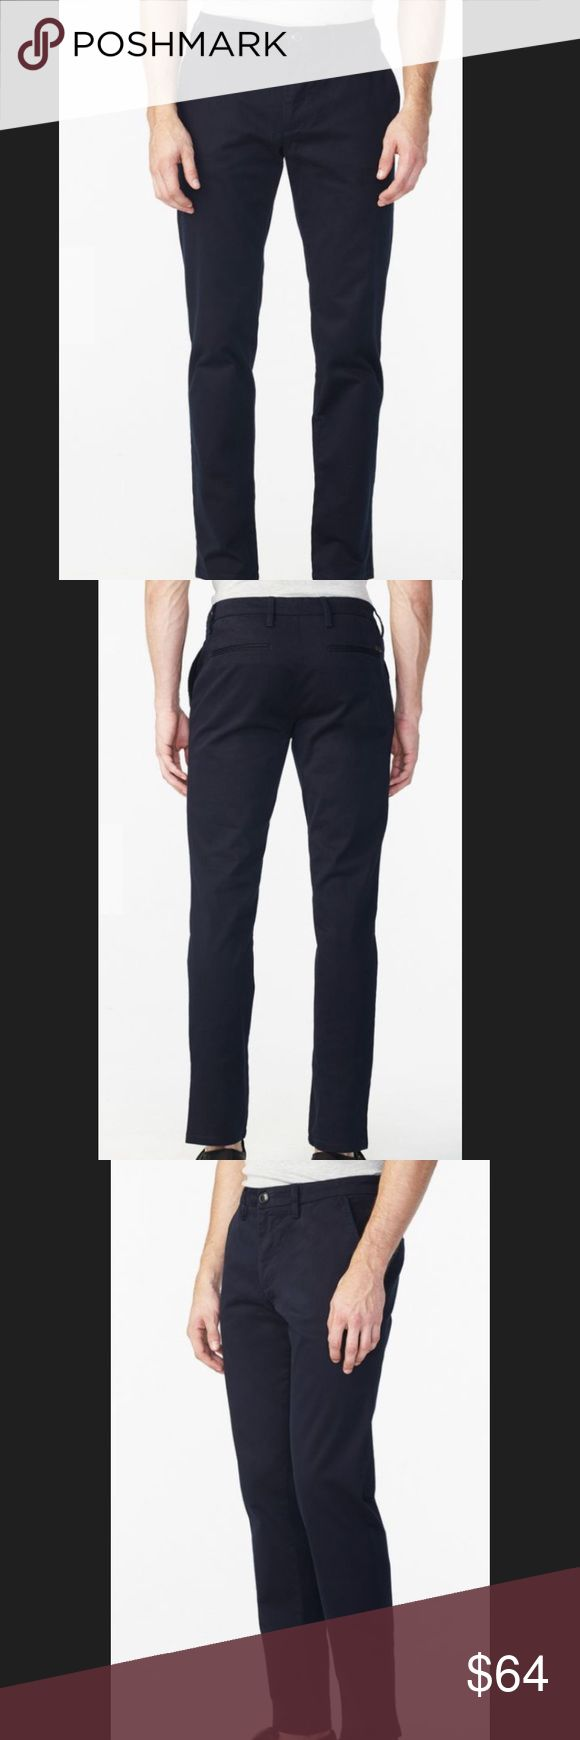 A/X ARMANI EXCHANGE Men's Slim Fit Dress Pants A/X ARMANI EXCHANGE Men's Slim Fit Dress Pants A/X Armani Exchange Pants Dress